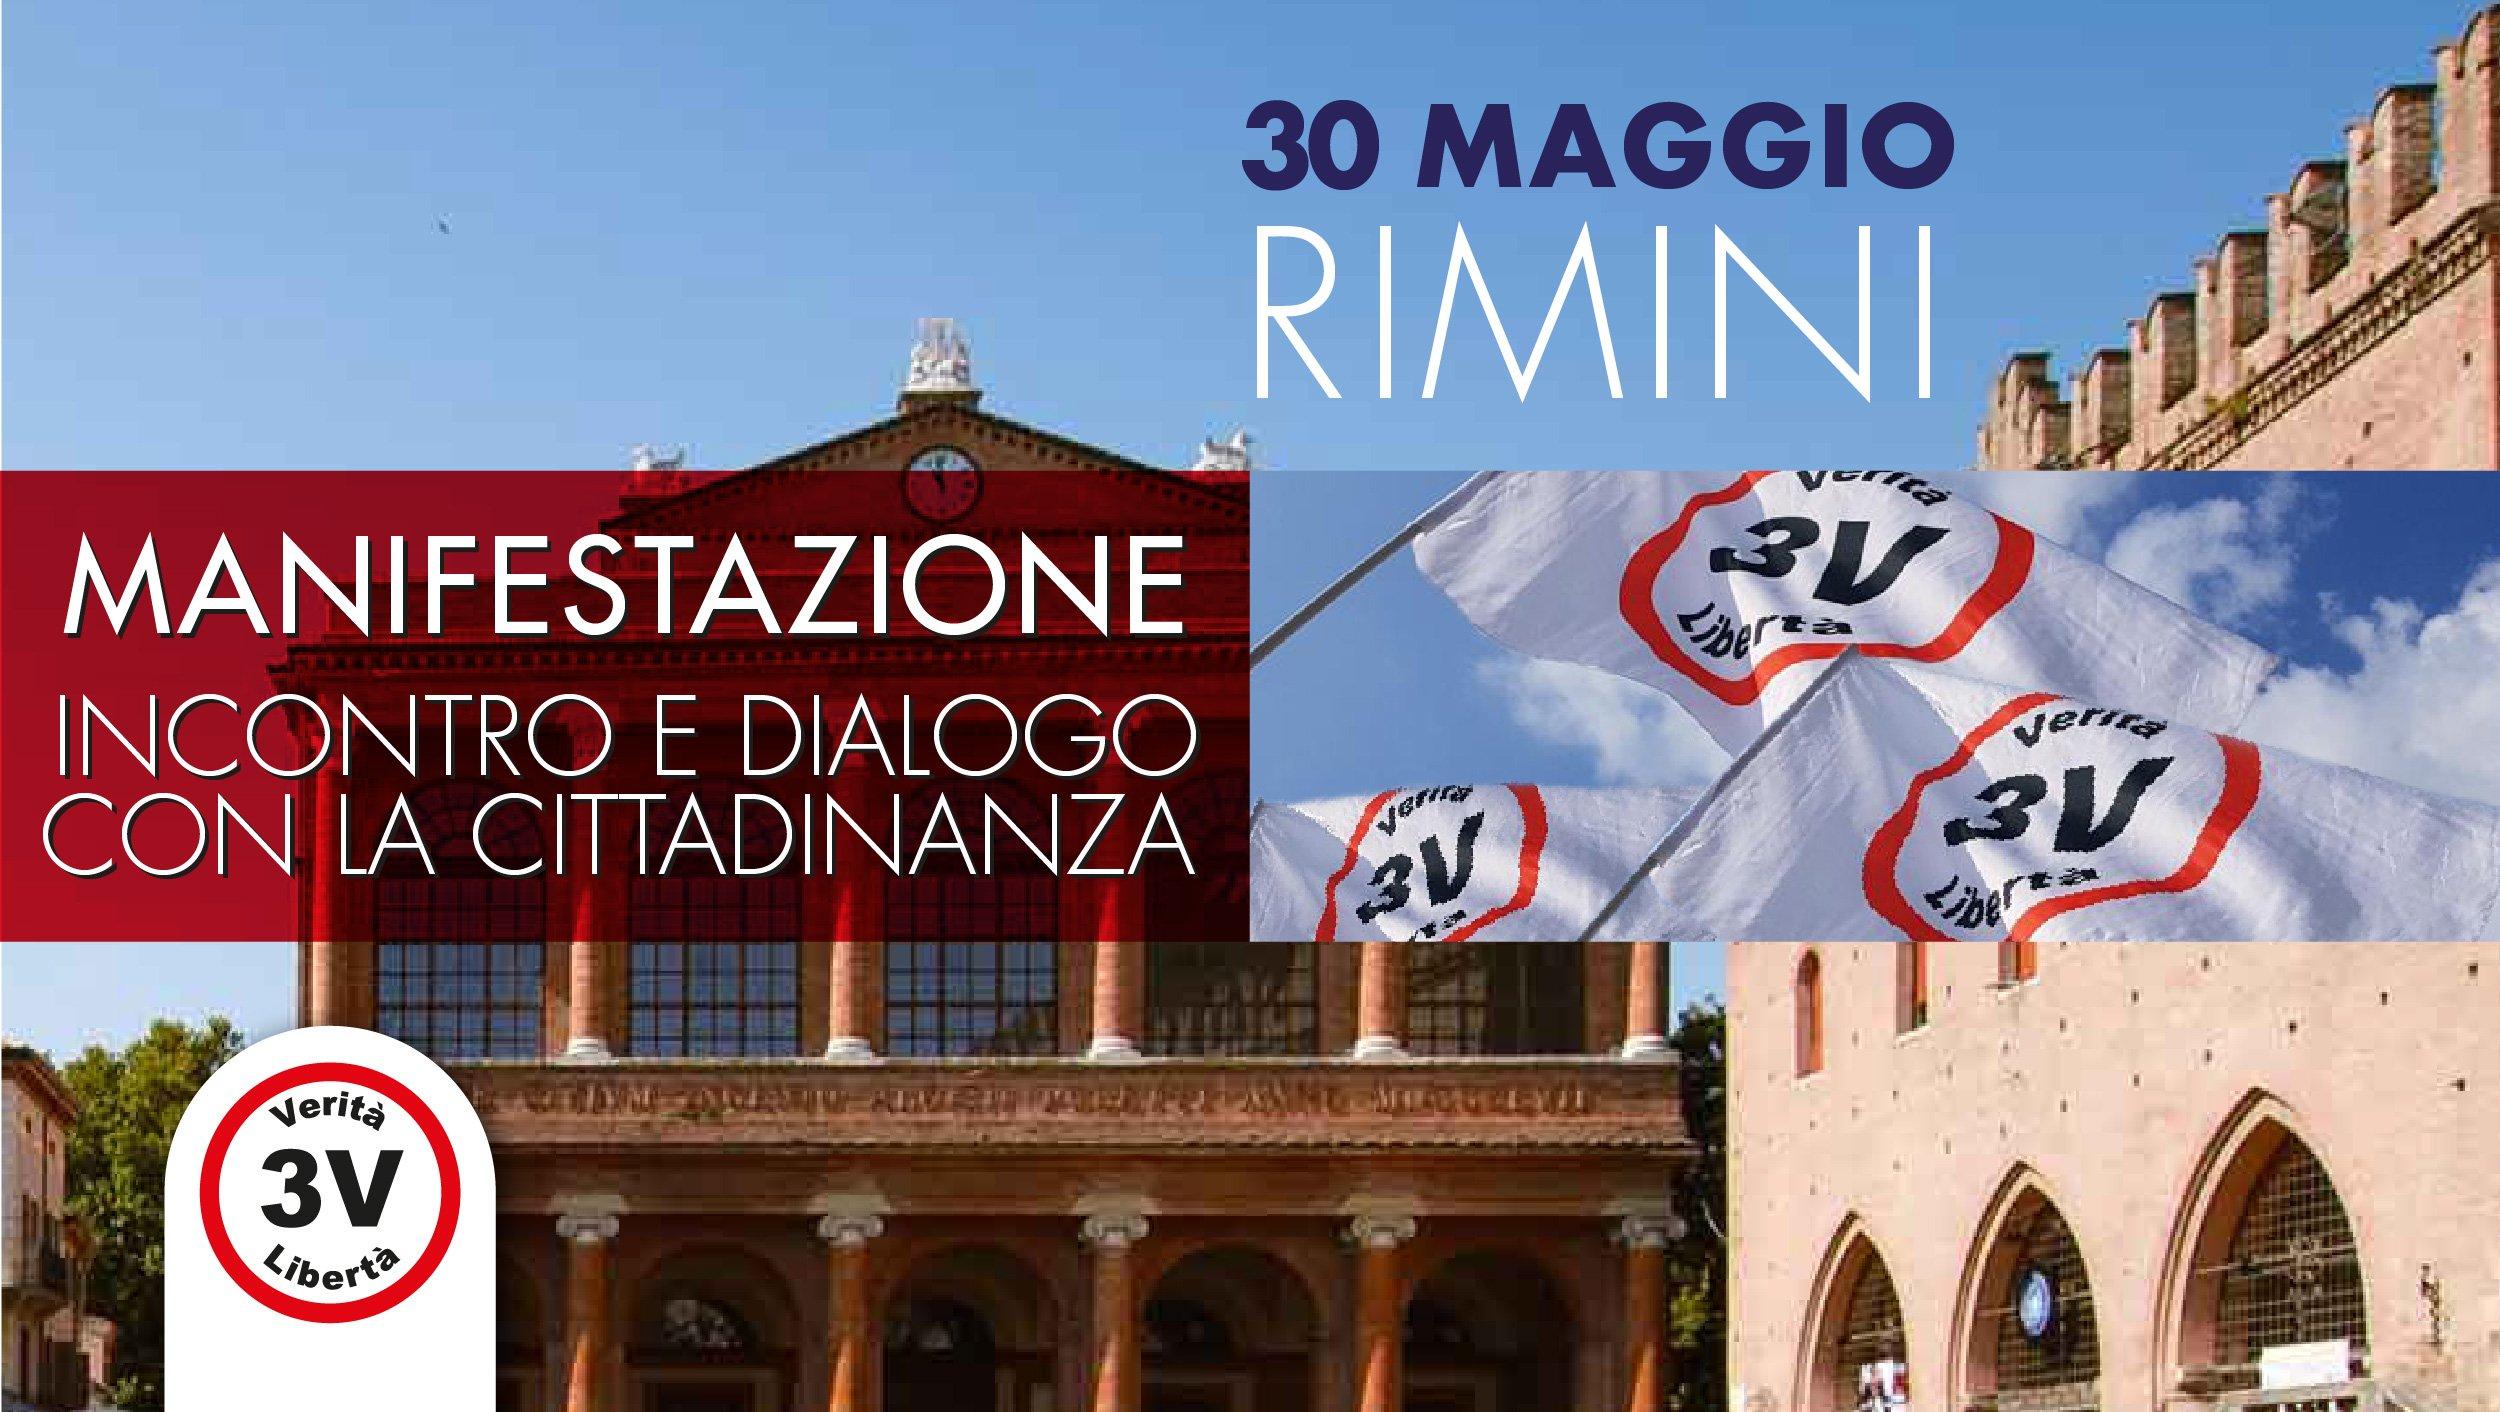 Manifestazione 3V Rimini: incontro e dialogo con la Cittadinanza